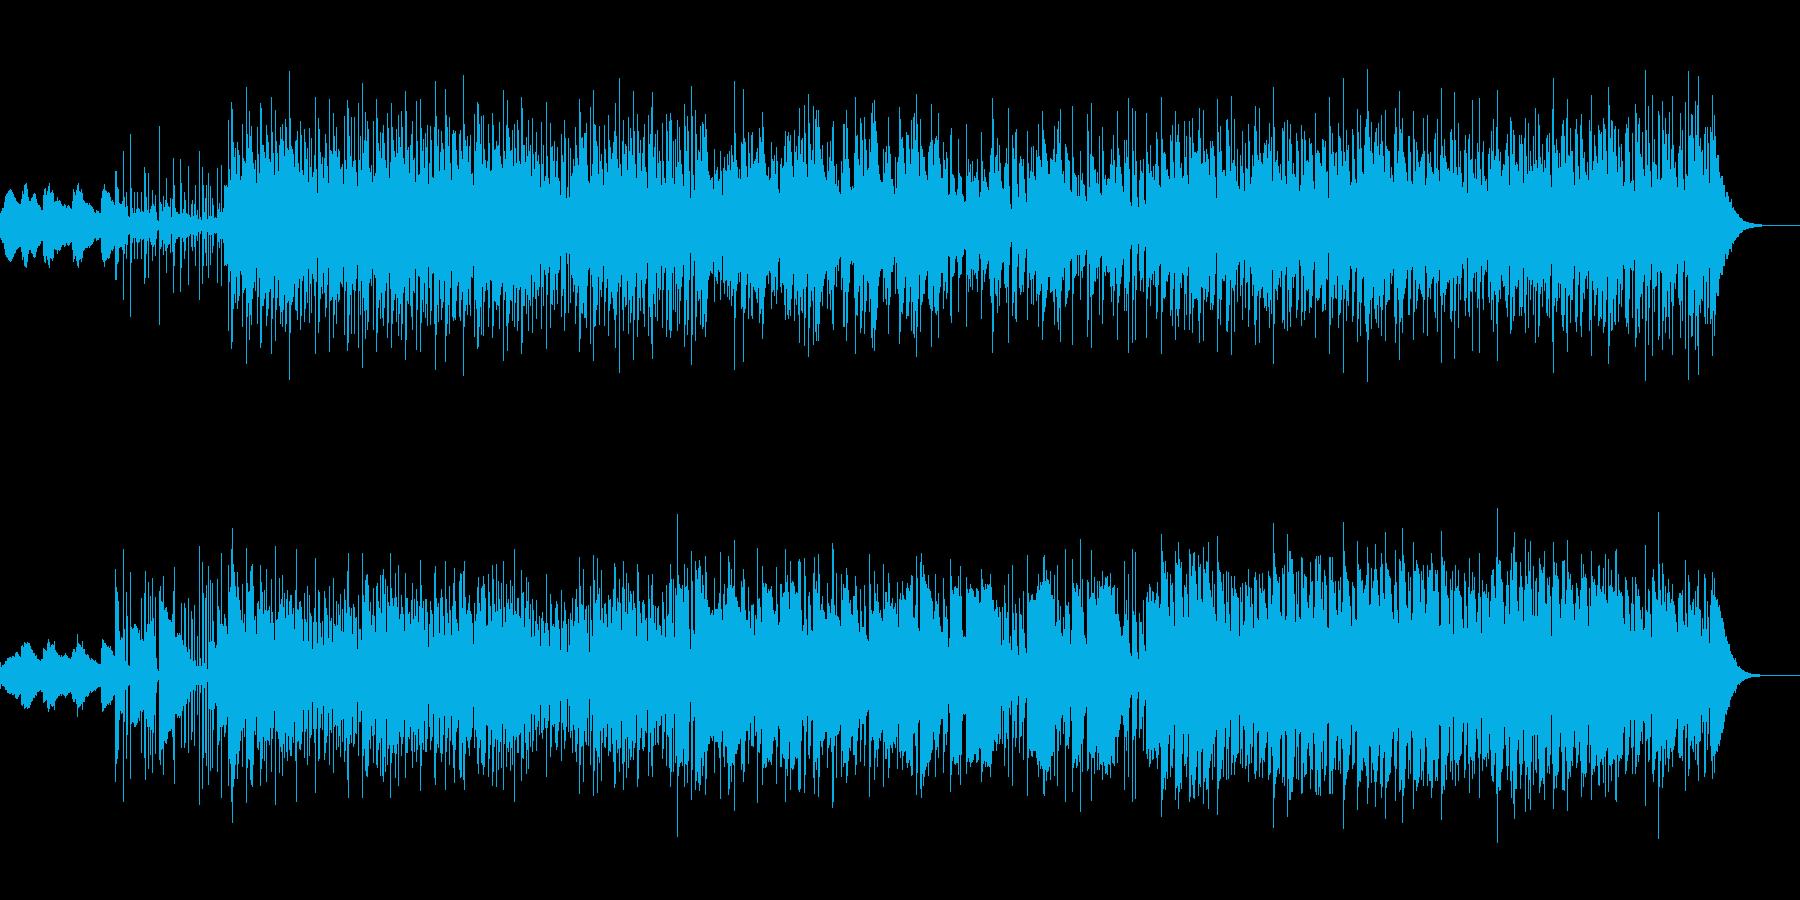 インド風民族音楽の再生済みの波形